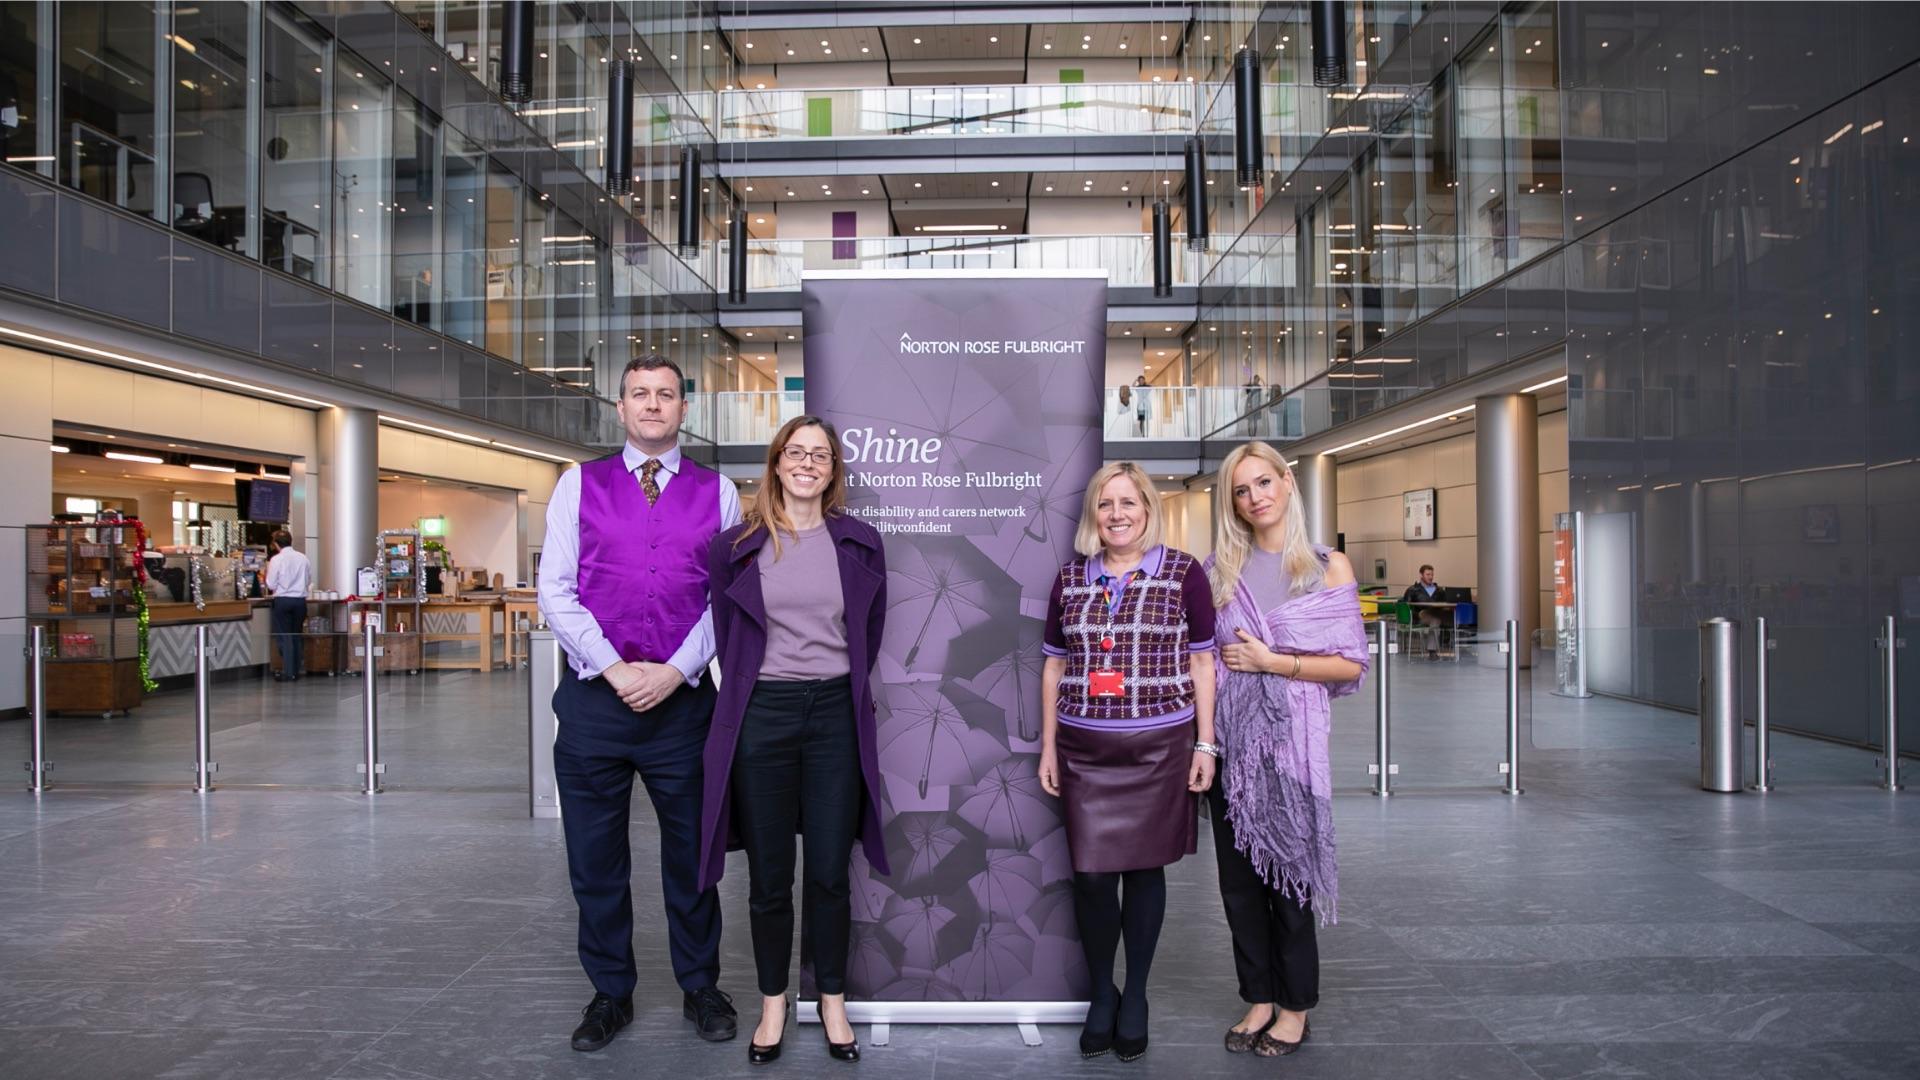 people wearing purple